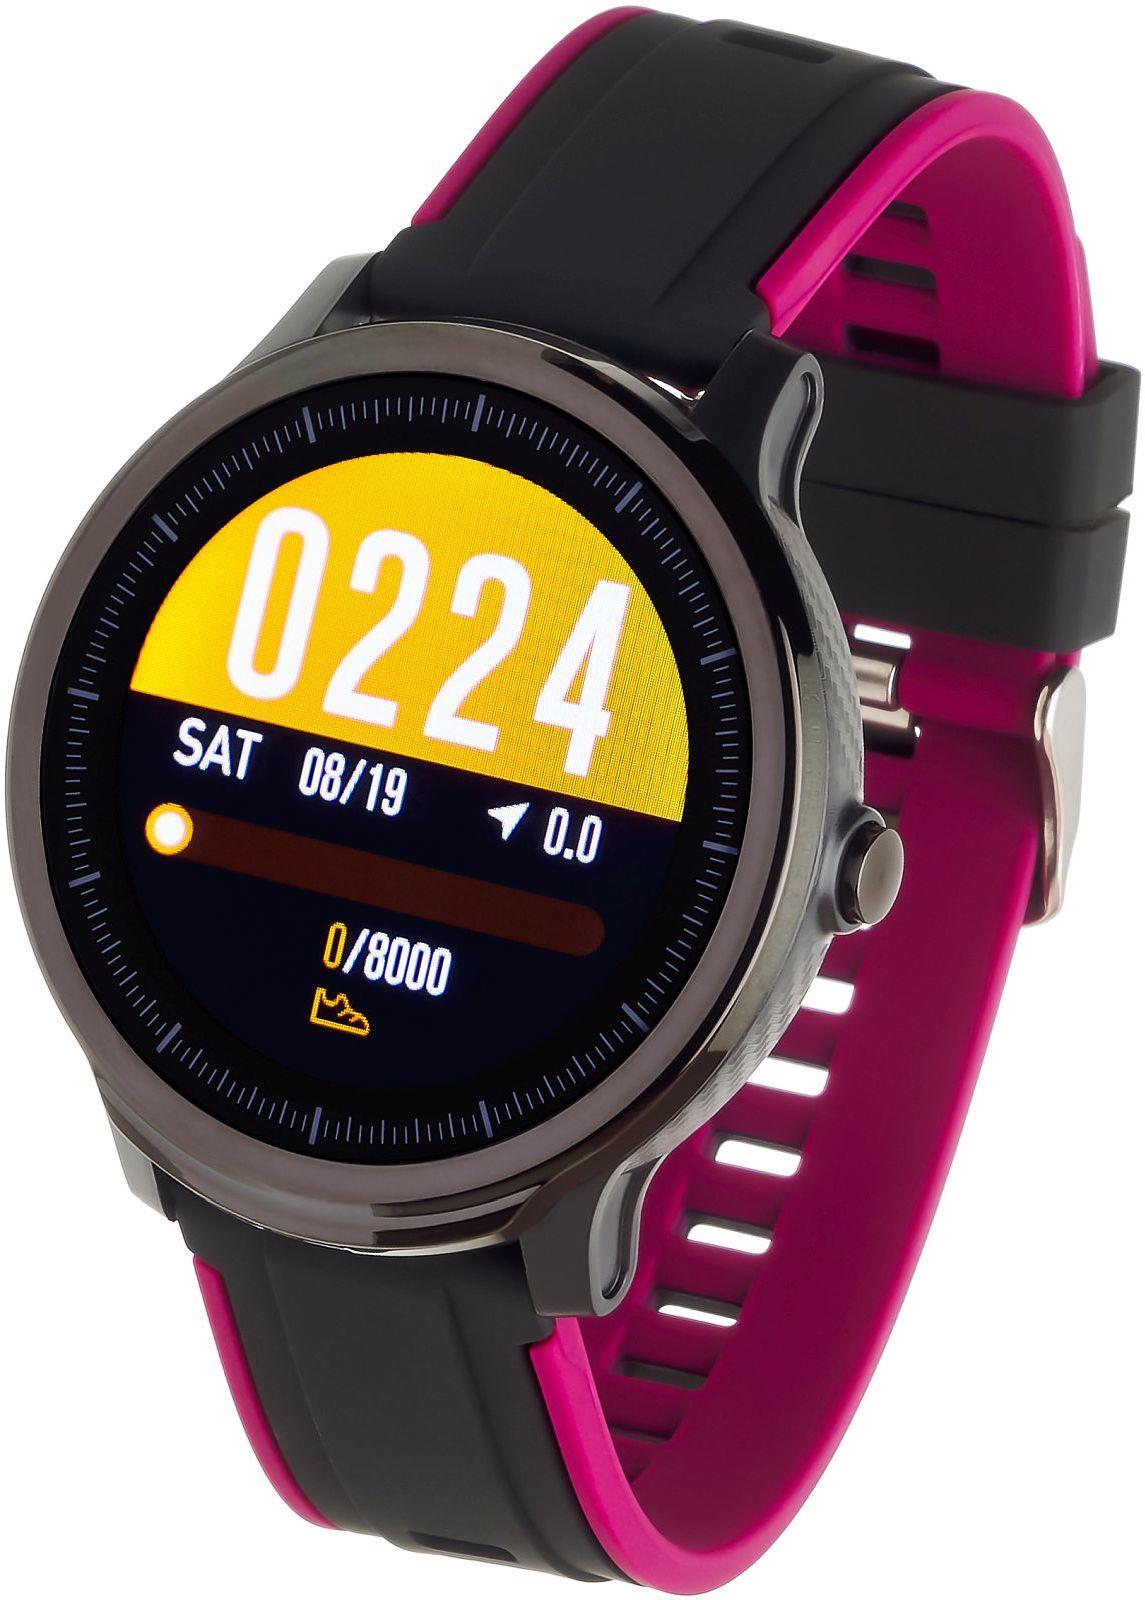 Smartwatch Sport Garett Gym fioletowy > Darmowa dostawa UPS Darmowy zwrot DHL przez 100 DNI Odbierz w salonie w Warszawie